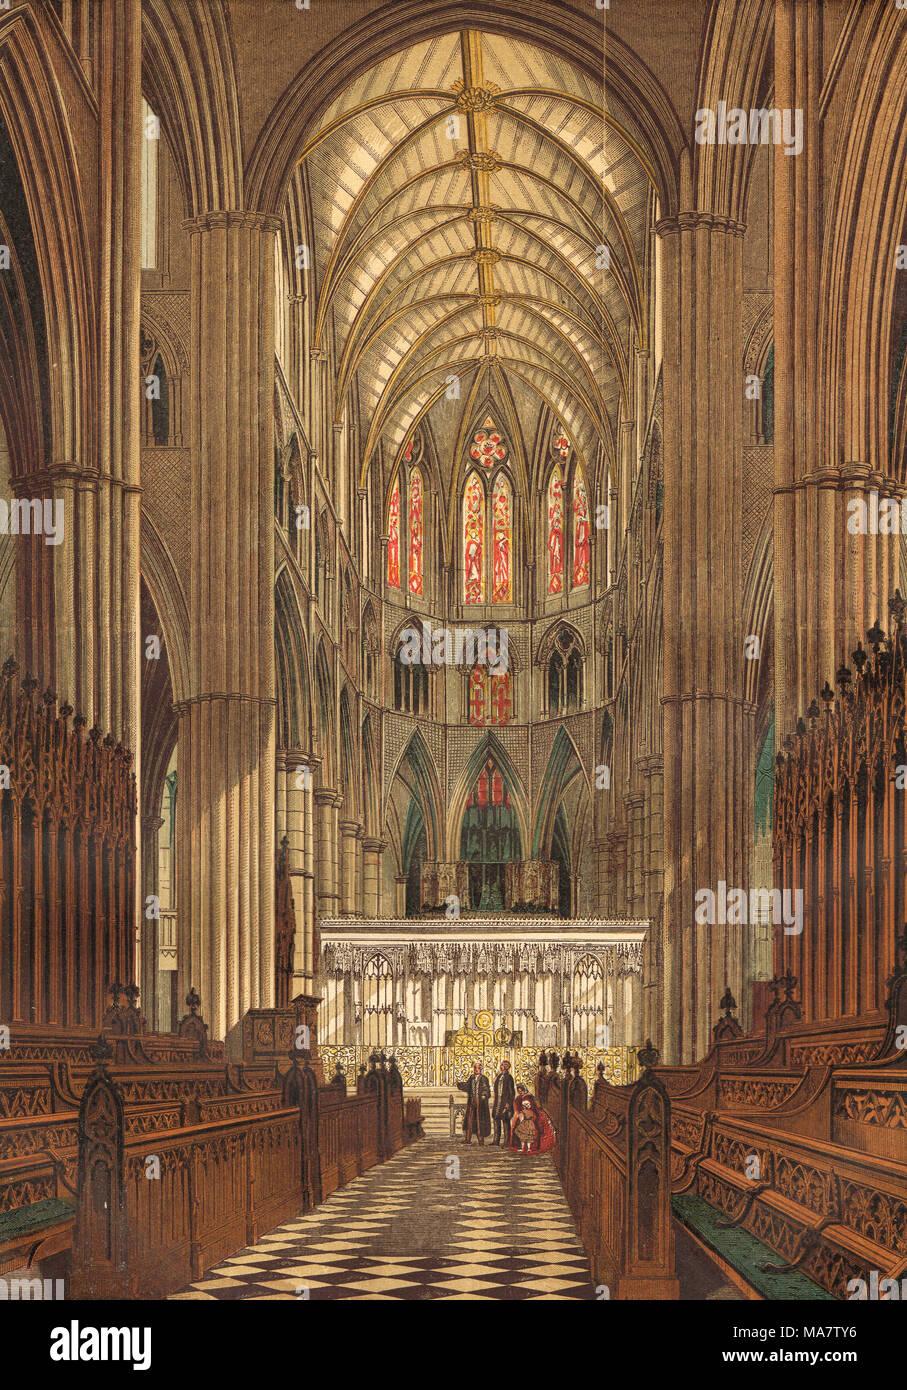 La sillería del coro de la Abadía de Westminster, del siglo XIX. Imagen De Stock